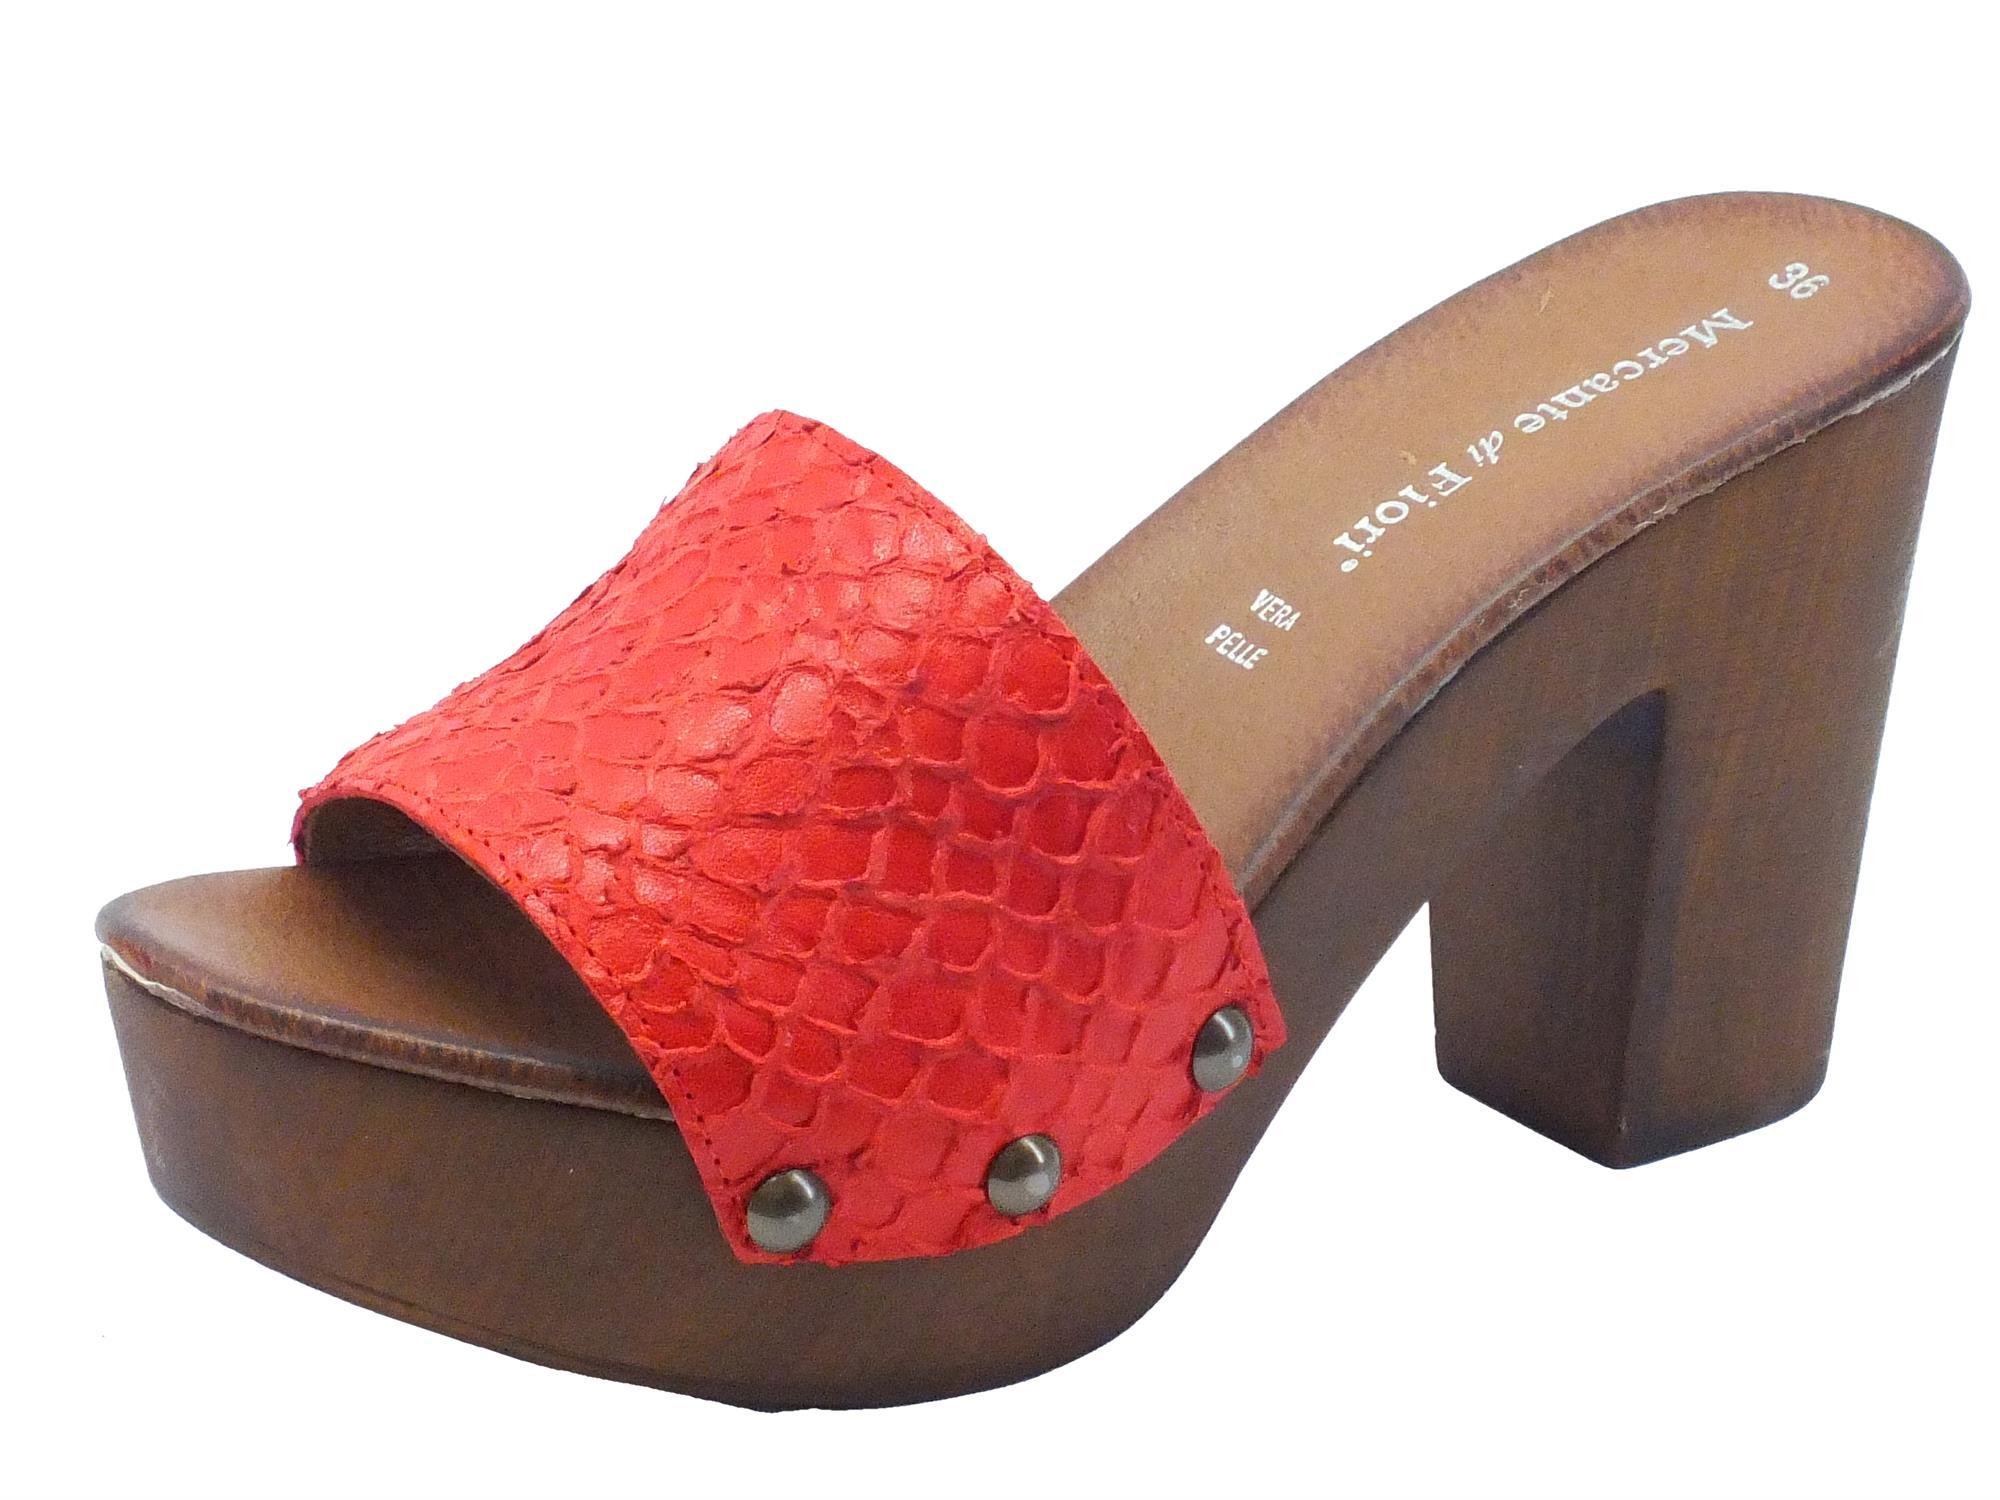 Zoccolo donna Mercante di Fiori pelle rossa tacco alto - Vitiello ... c0b0ec45c64